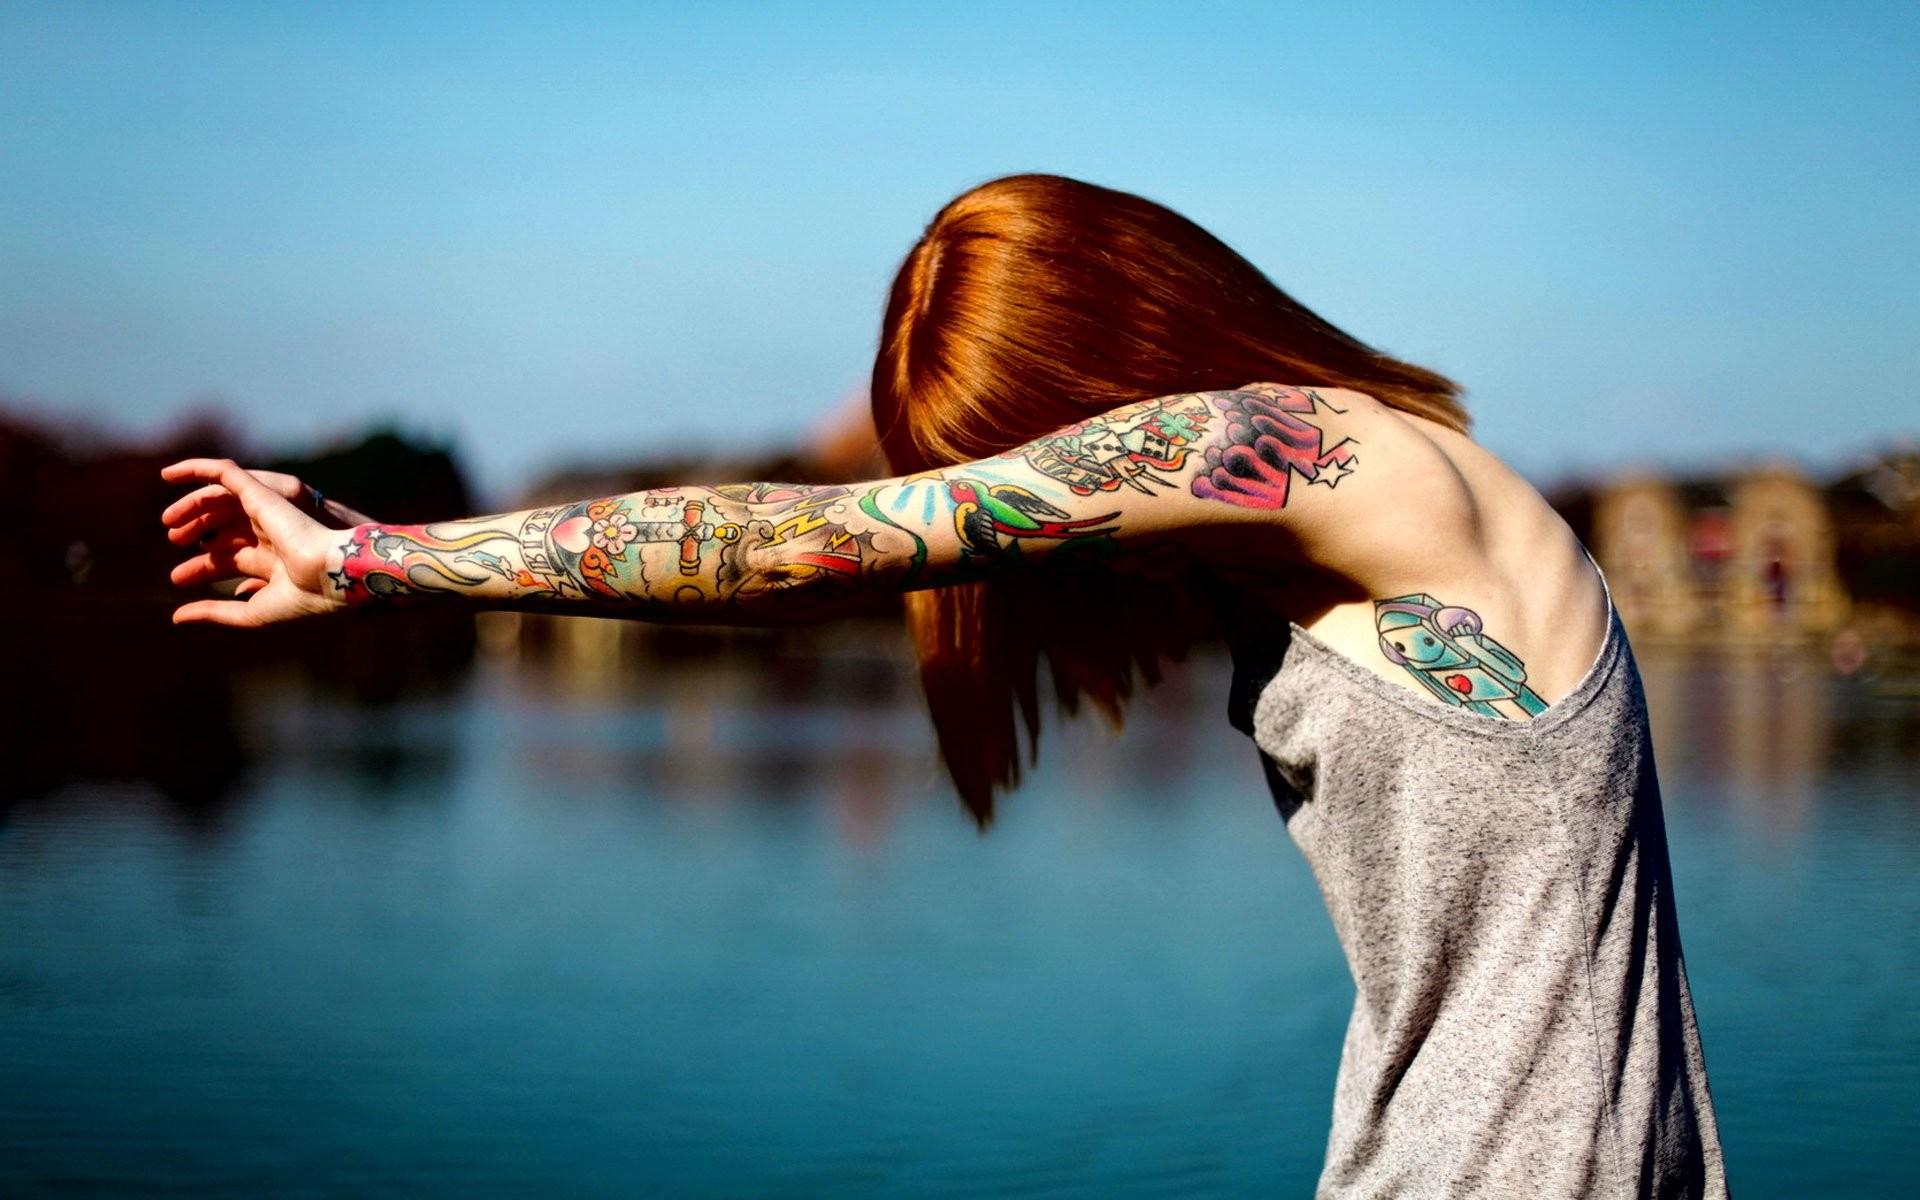 Una pelirroja con tatuajes - 1920x1200